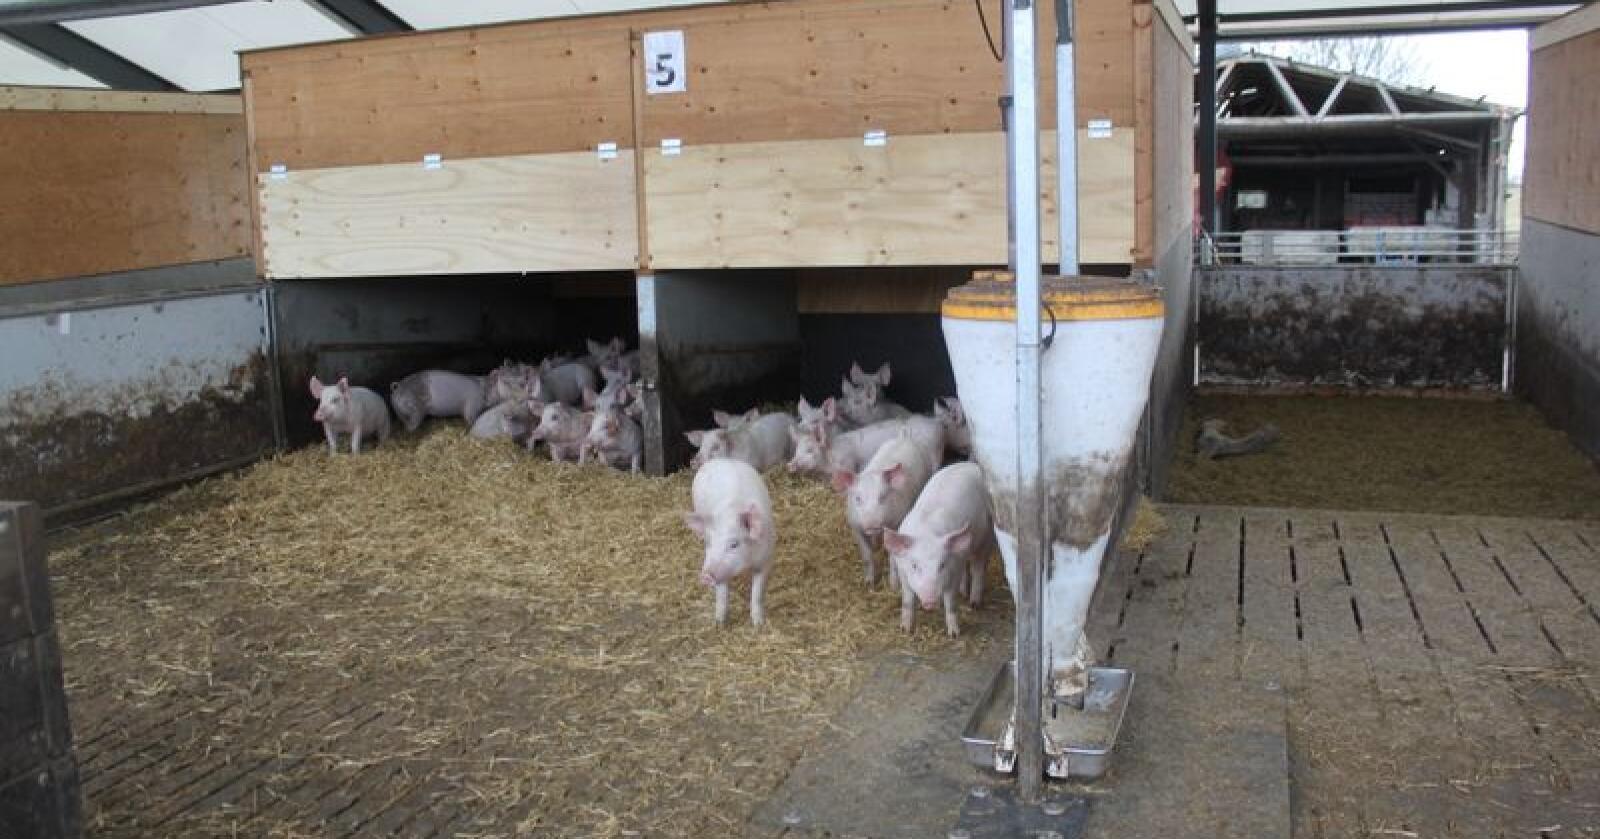 At Danish Crown nå lanserer antibiotikafritt svinekjøtt kan villede forbrukerne til å tro at konvensjonelt svinekjøtt inneholder antibiotika, mener Danske Svineprodusenter. Foto: Camilla Mellemstrand